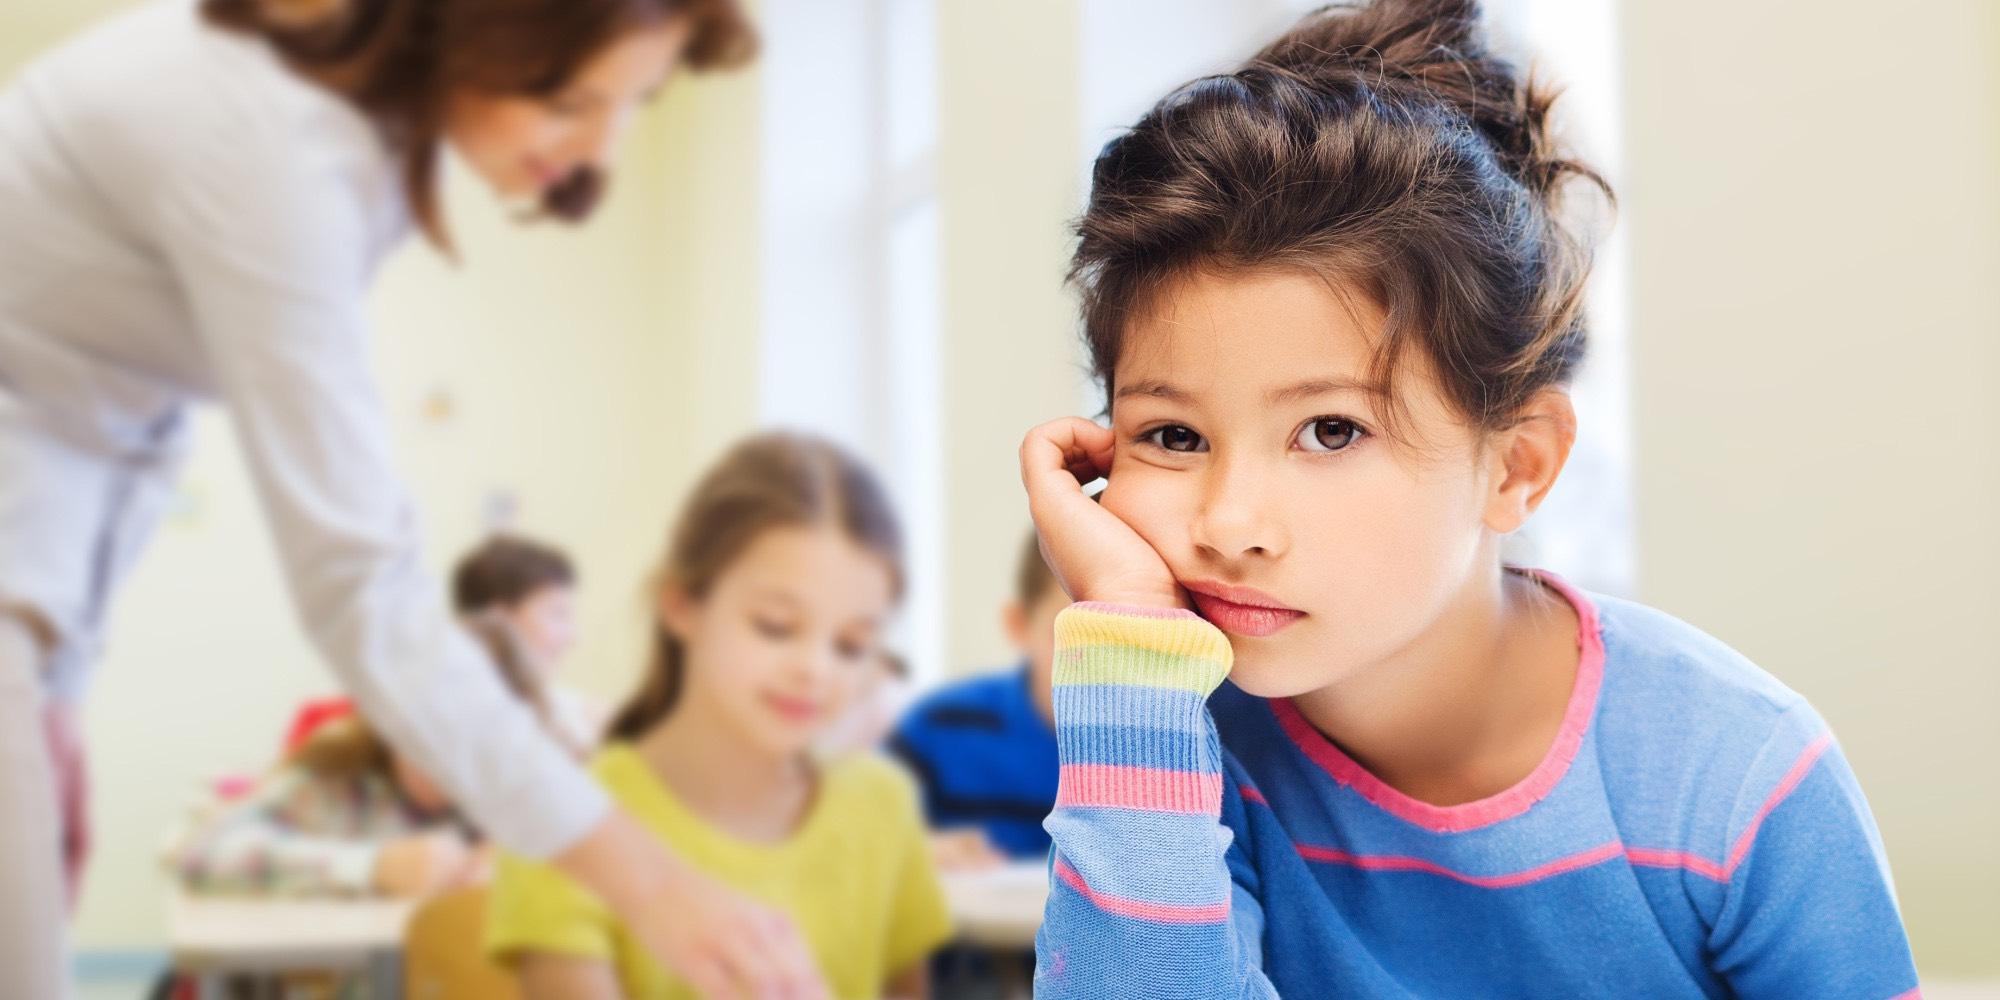 Bệnh động kinh có thể khiến trẻ mặc cảm, sống thu mình lại